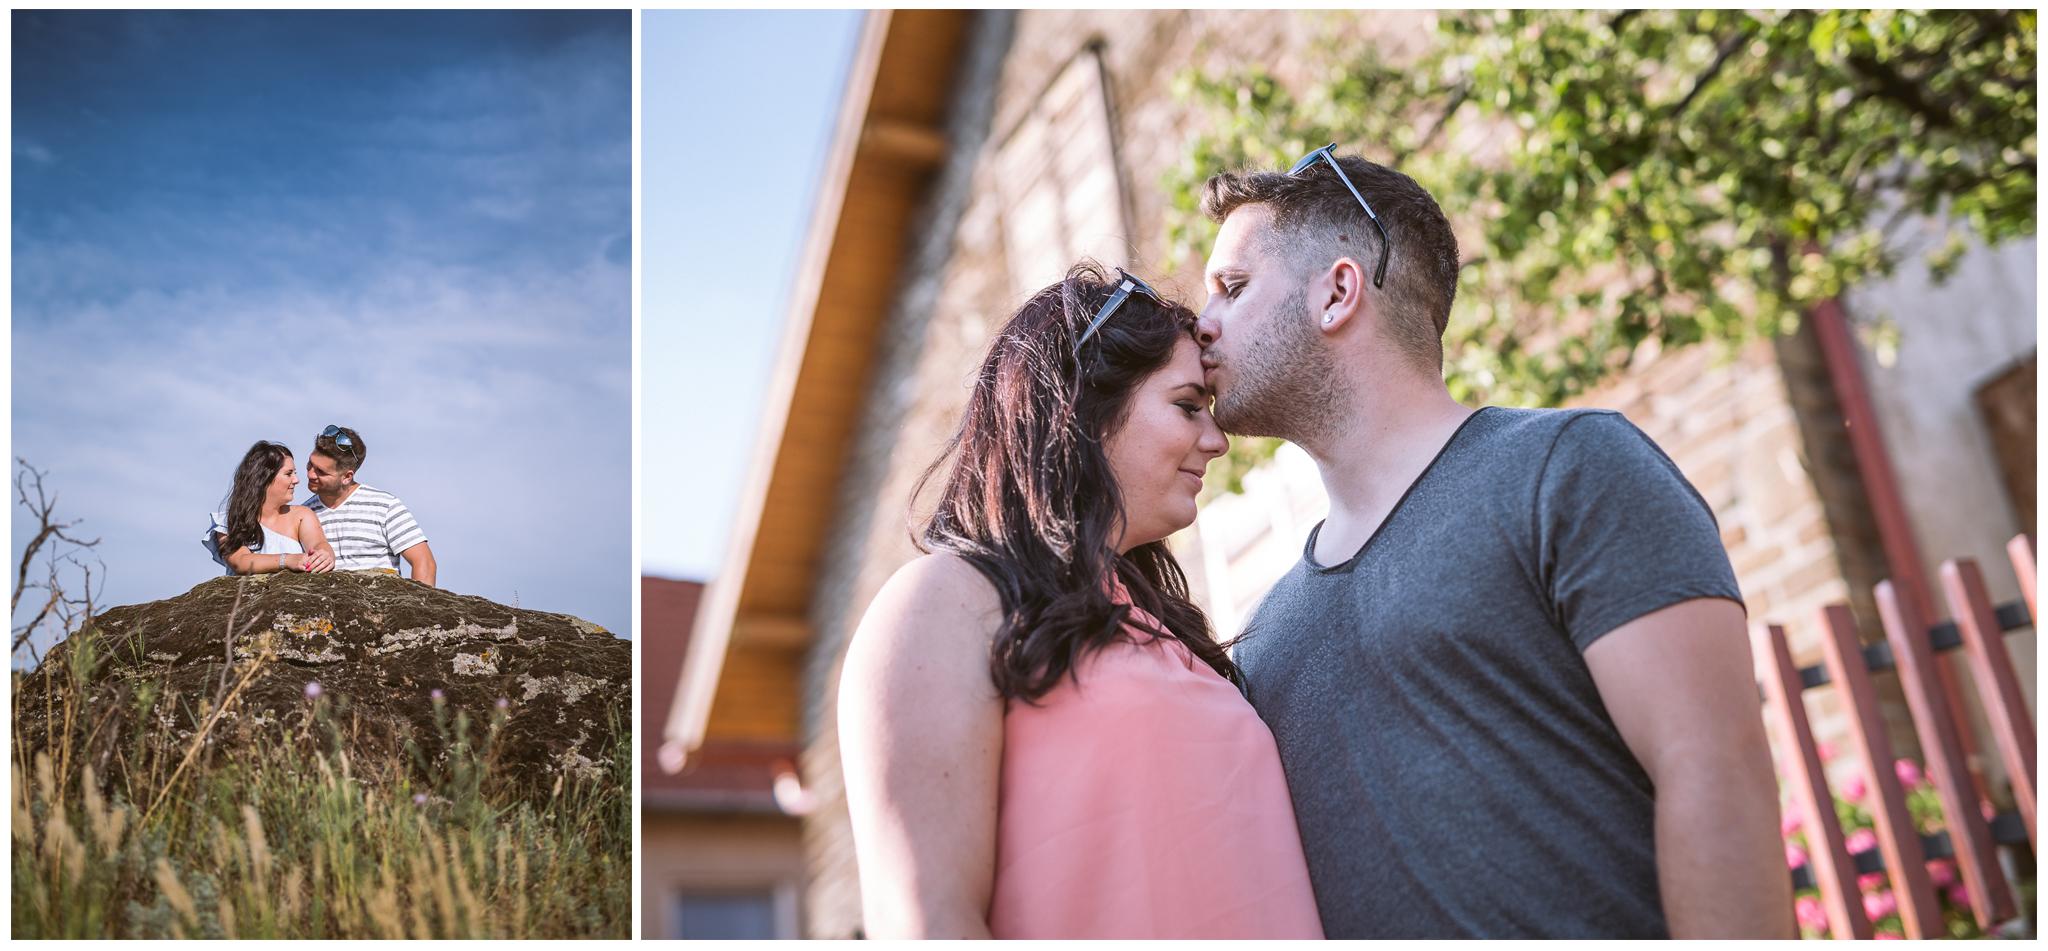 FylepPhoto, esküvőfotózás, magyarország, esküvői fotós, vasmegye, prémium, jegyesfotózás, Fülöp Péter, körmend, kreatív 05.jpg